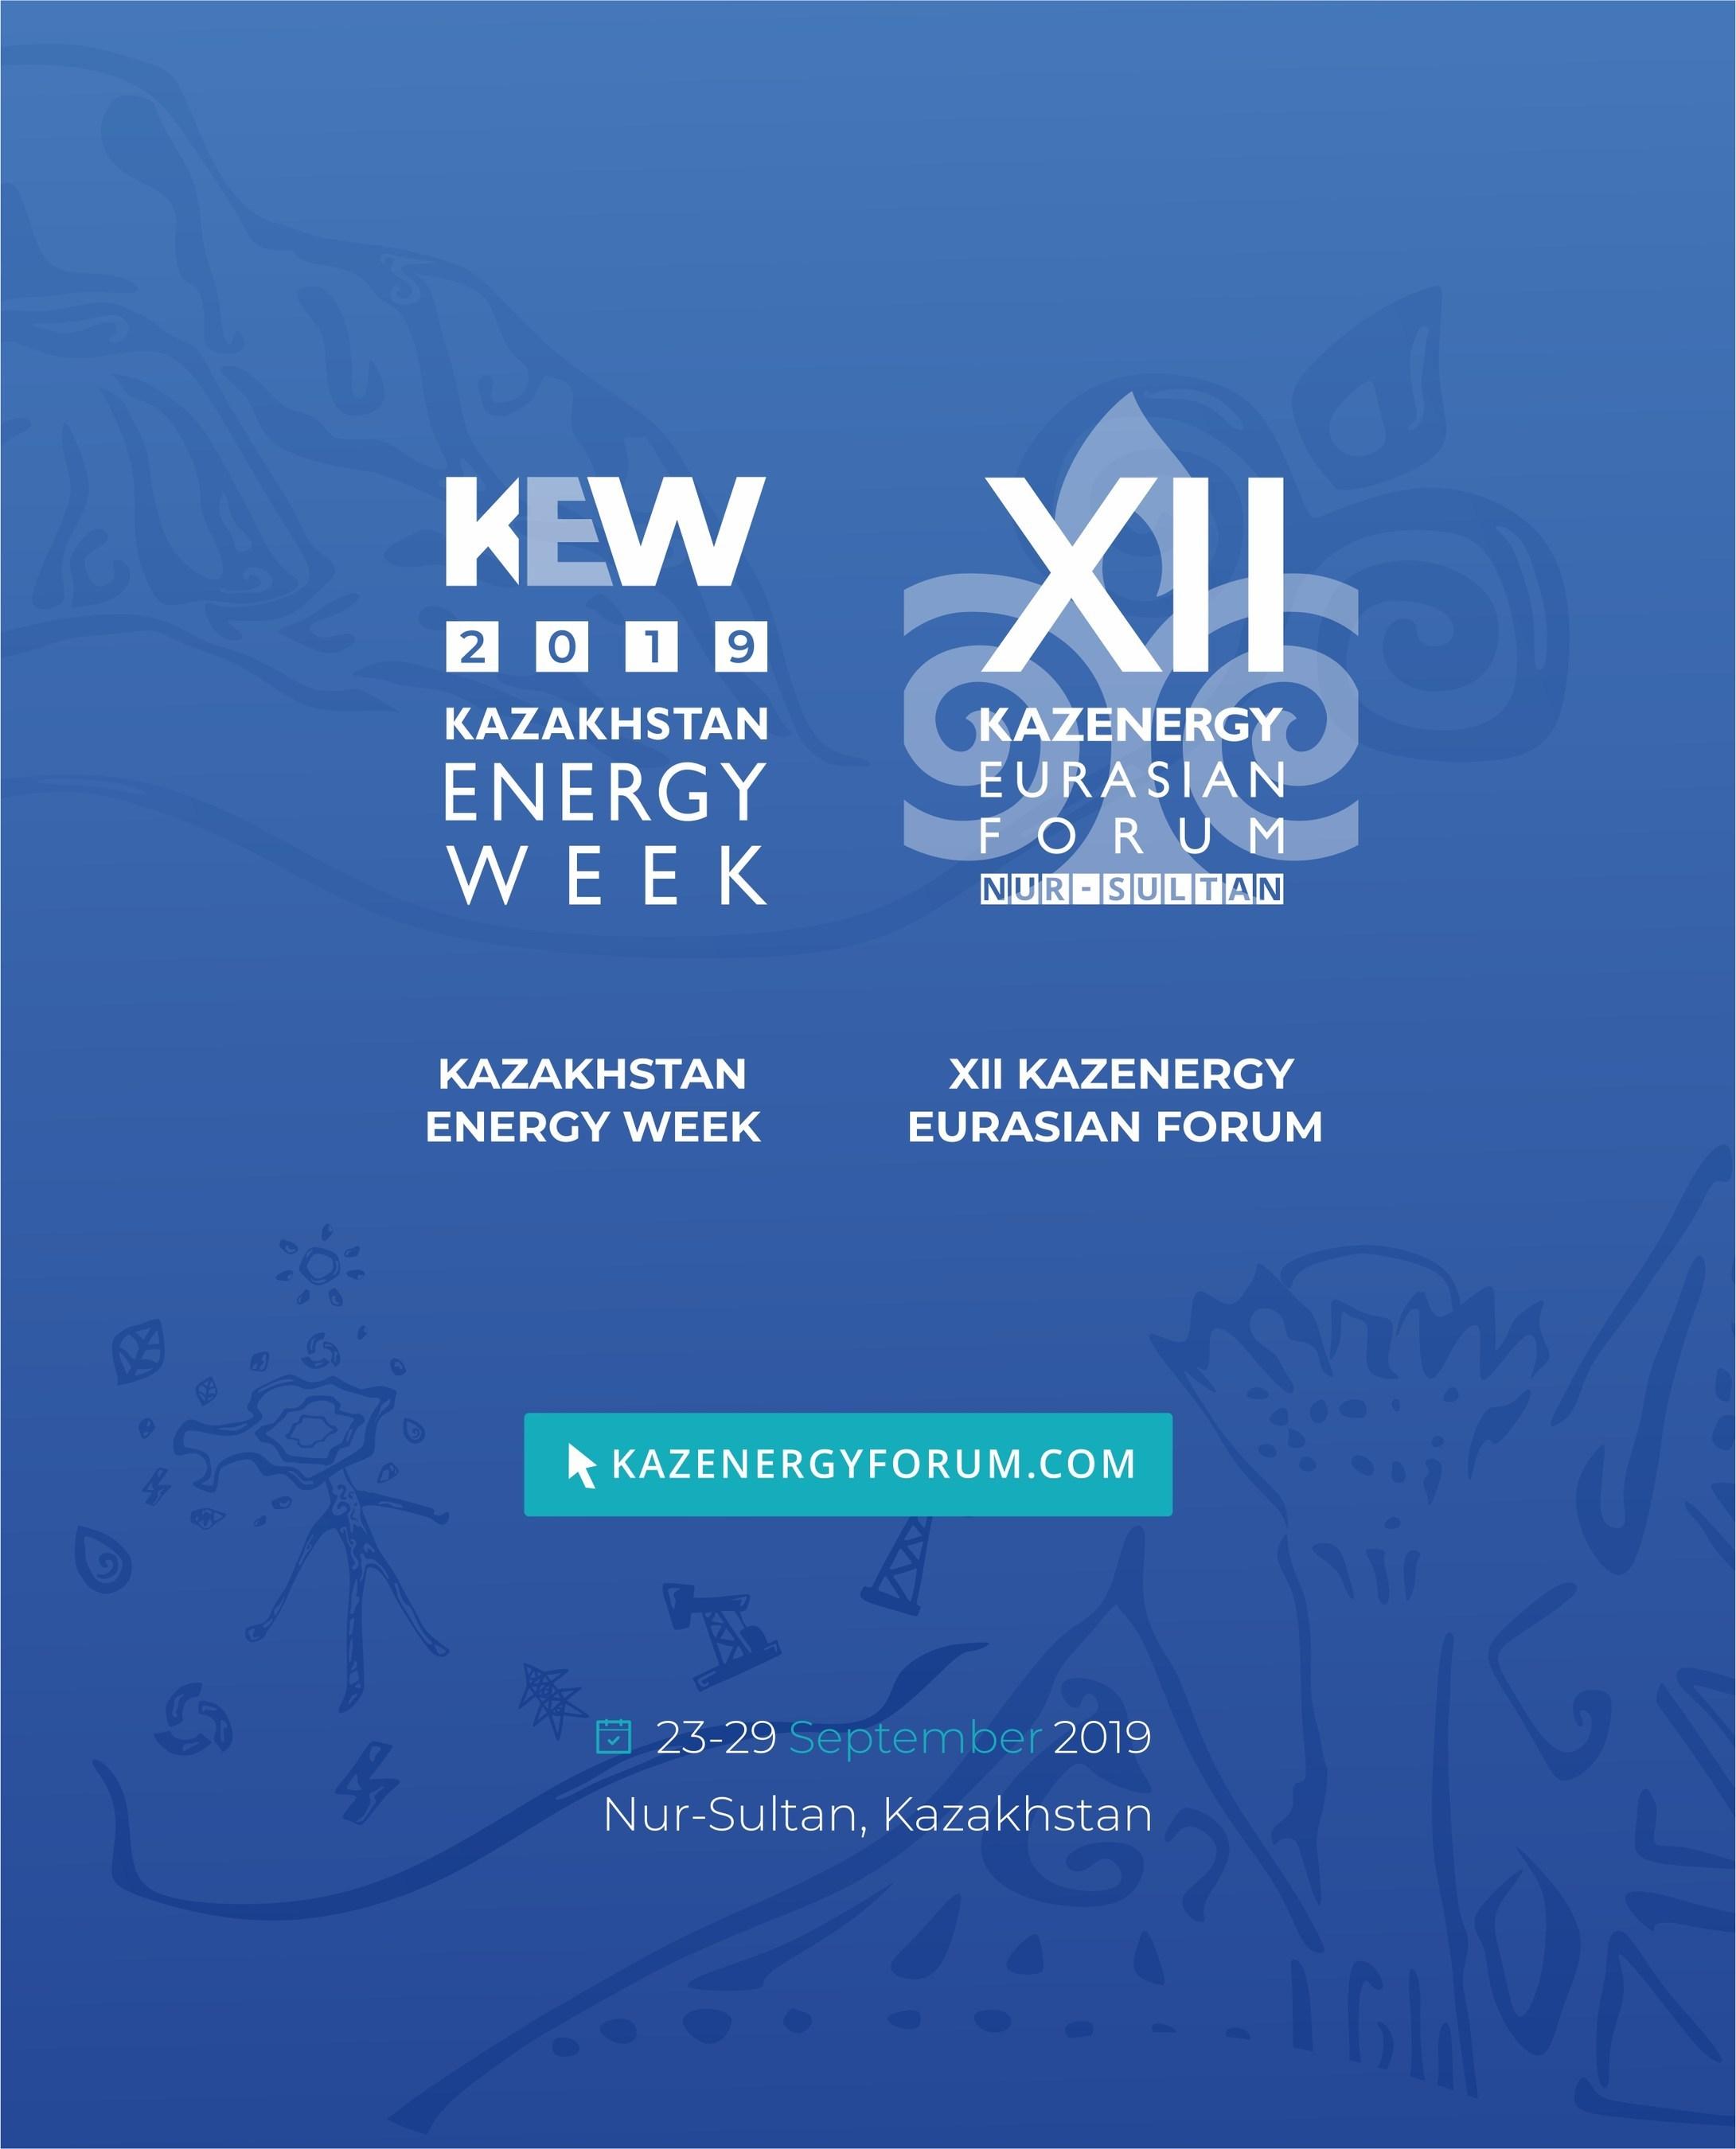 SEMANA DE LA ENERGÍA DE KAZAJSTÁN 2019 | XII FORO